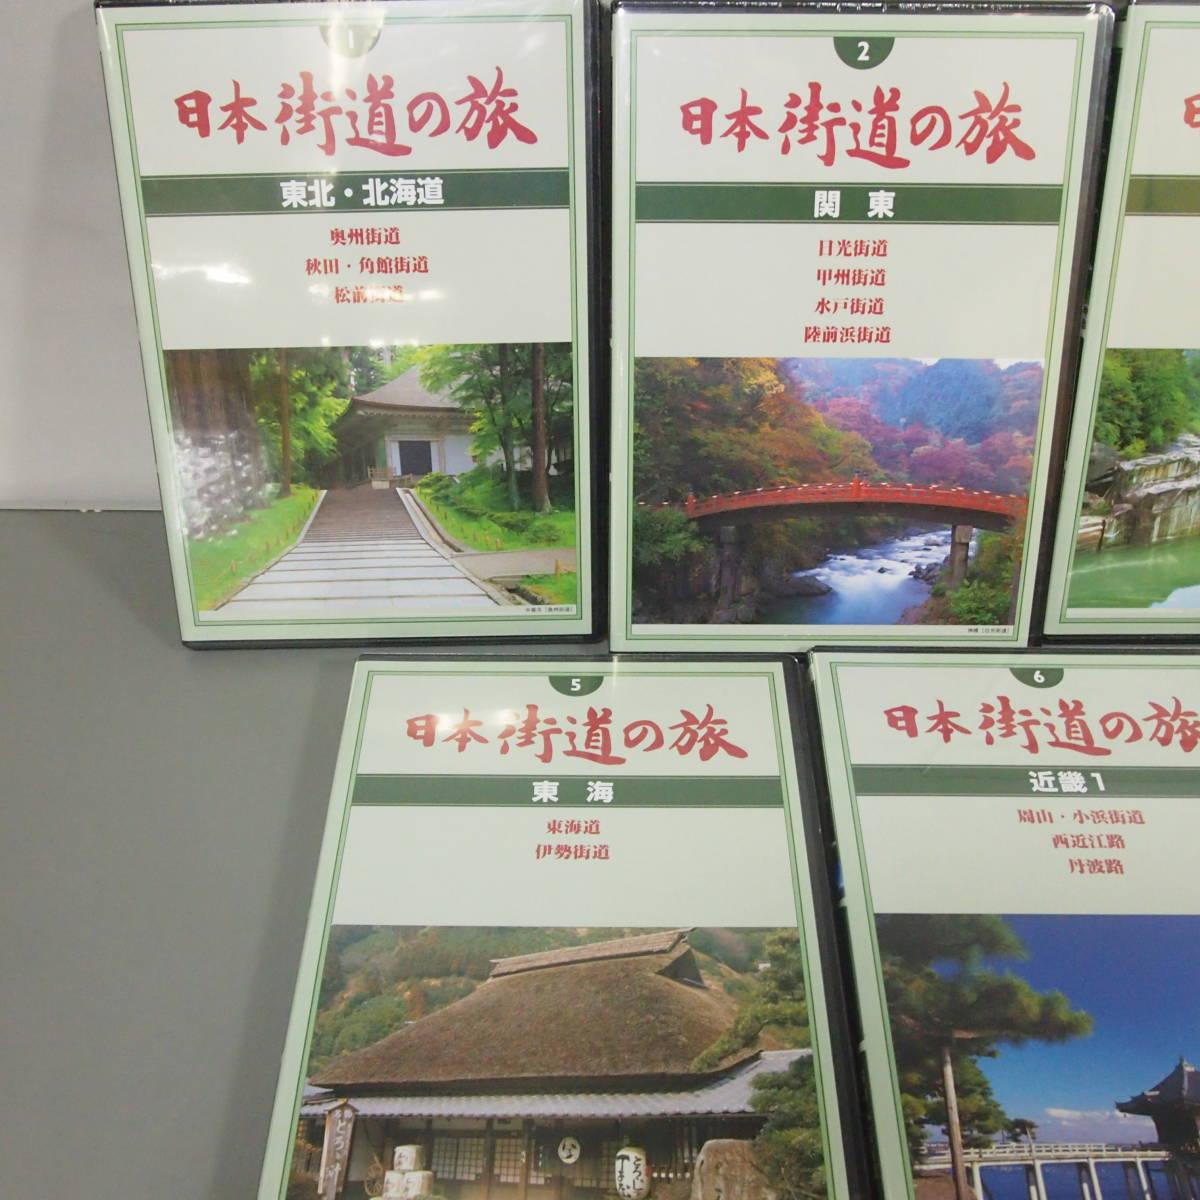 ユーキャン 日本 街道の旅 DVD 10巻セット 木製ケース付き 未開封品_画像4